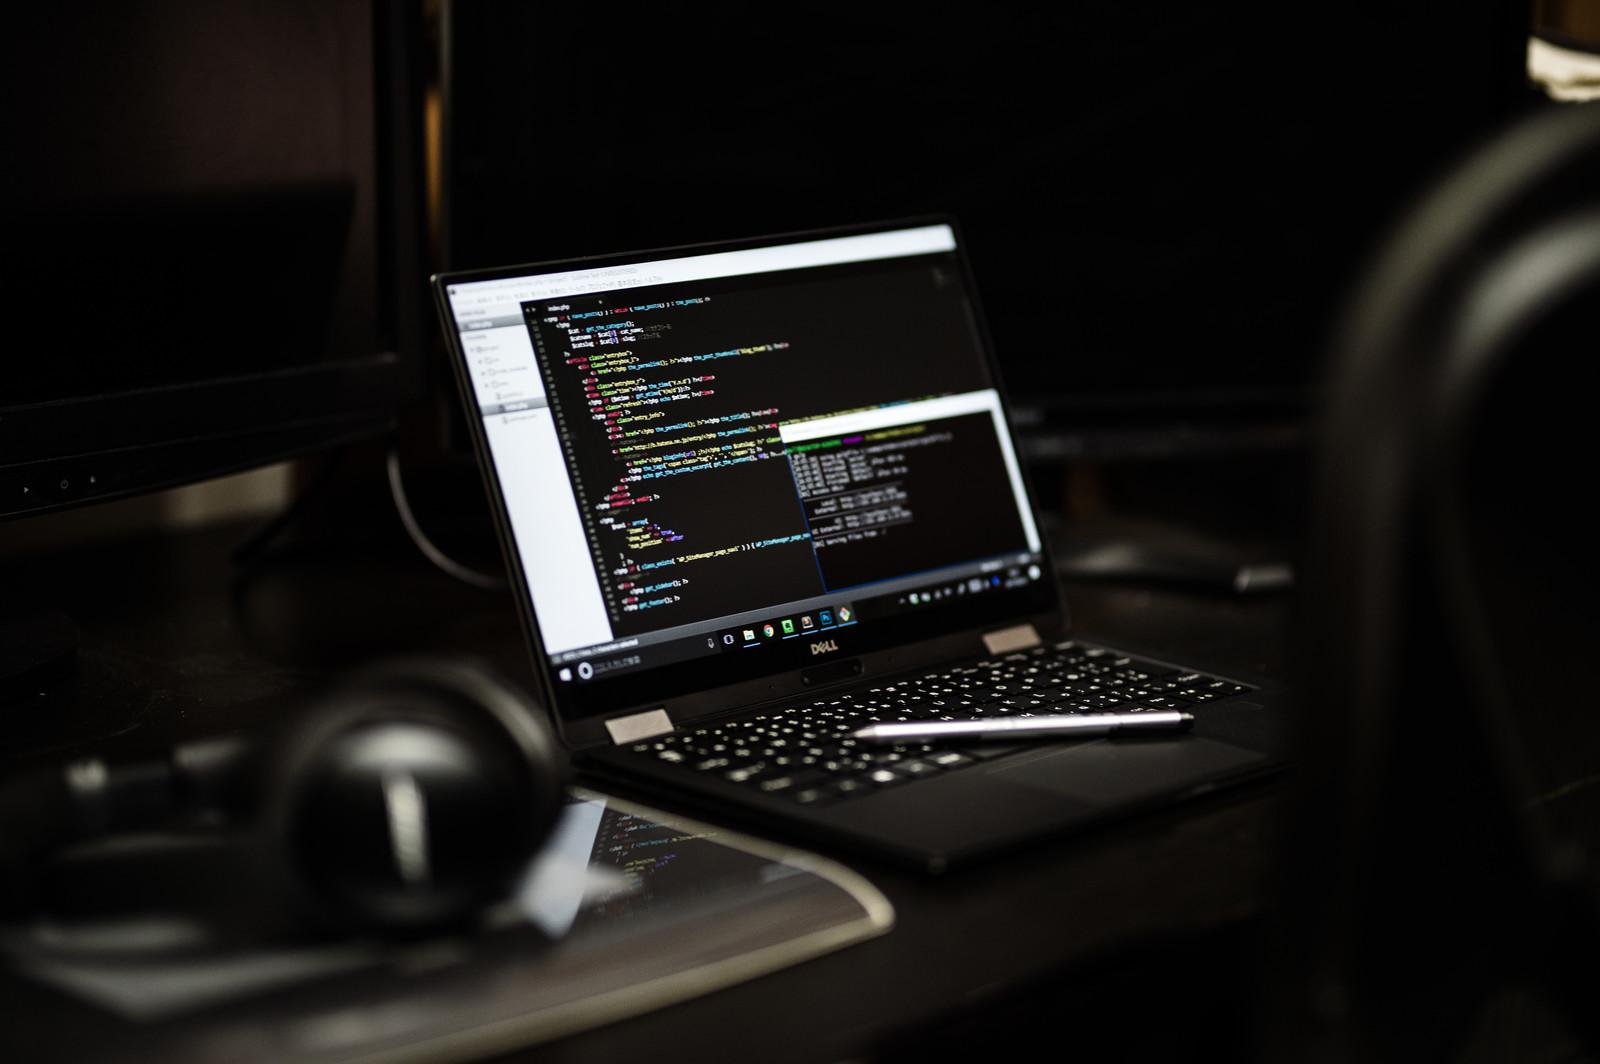 安くブログを始めたい。ムームードメインとロリポップサーバーがおすすめです